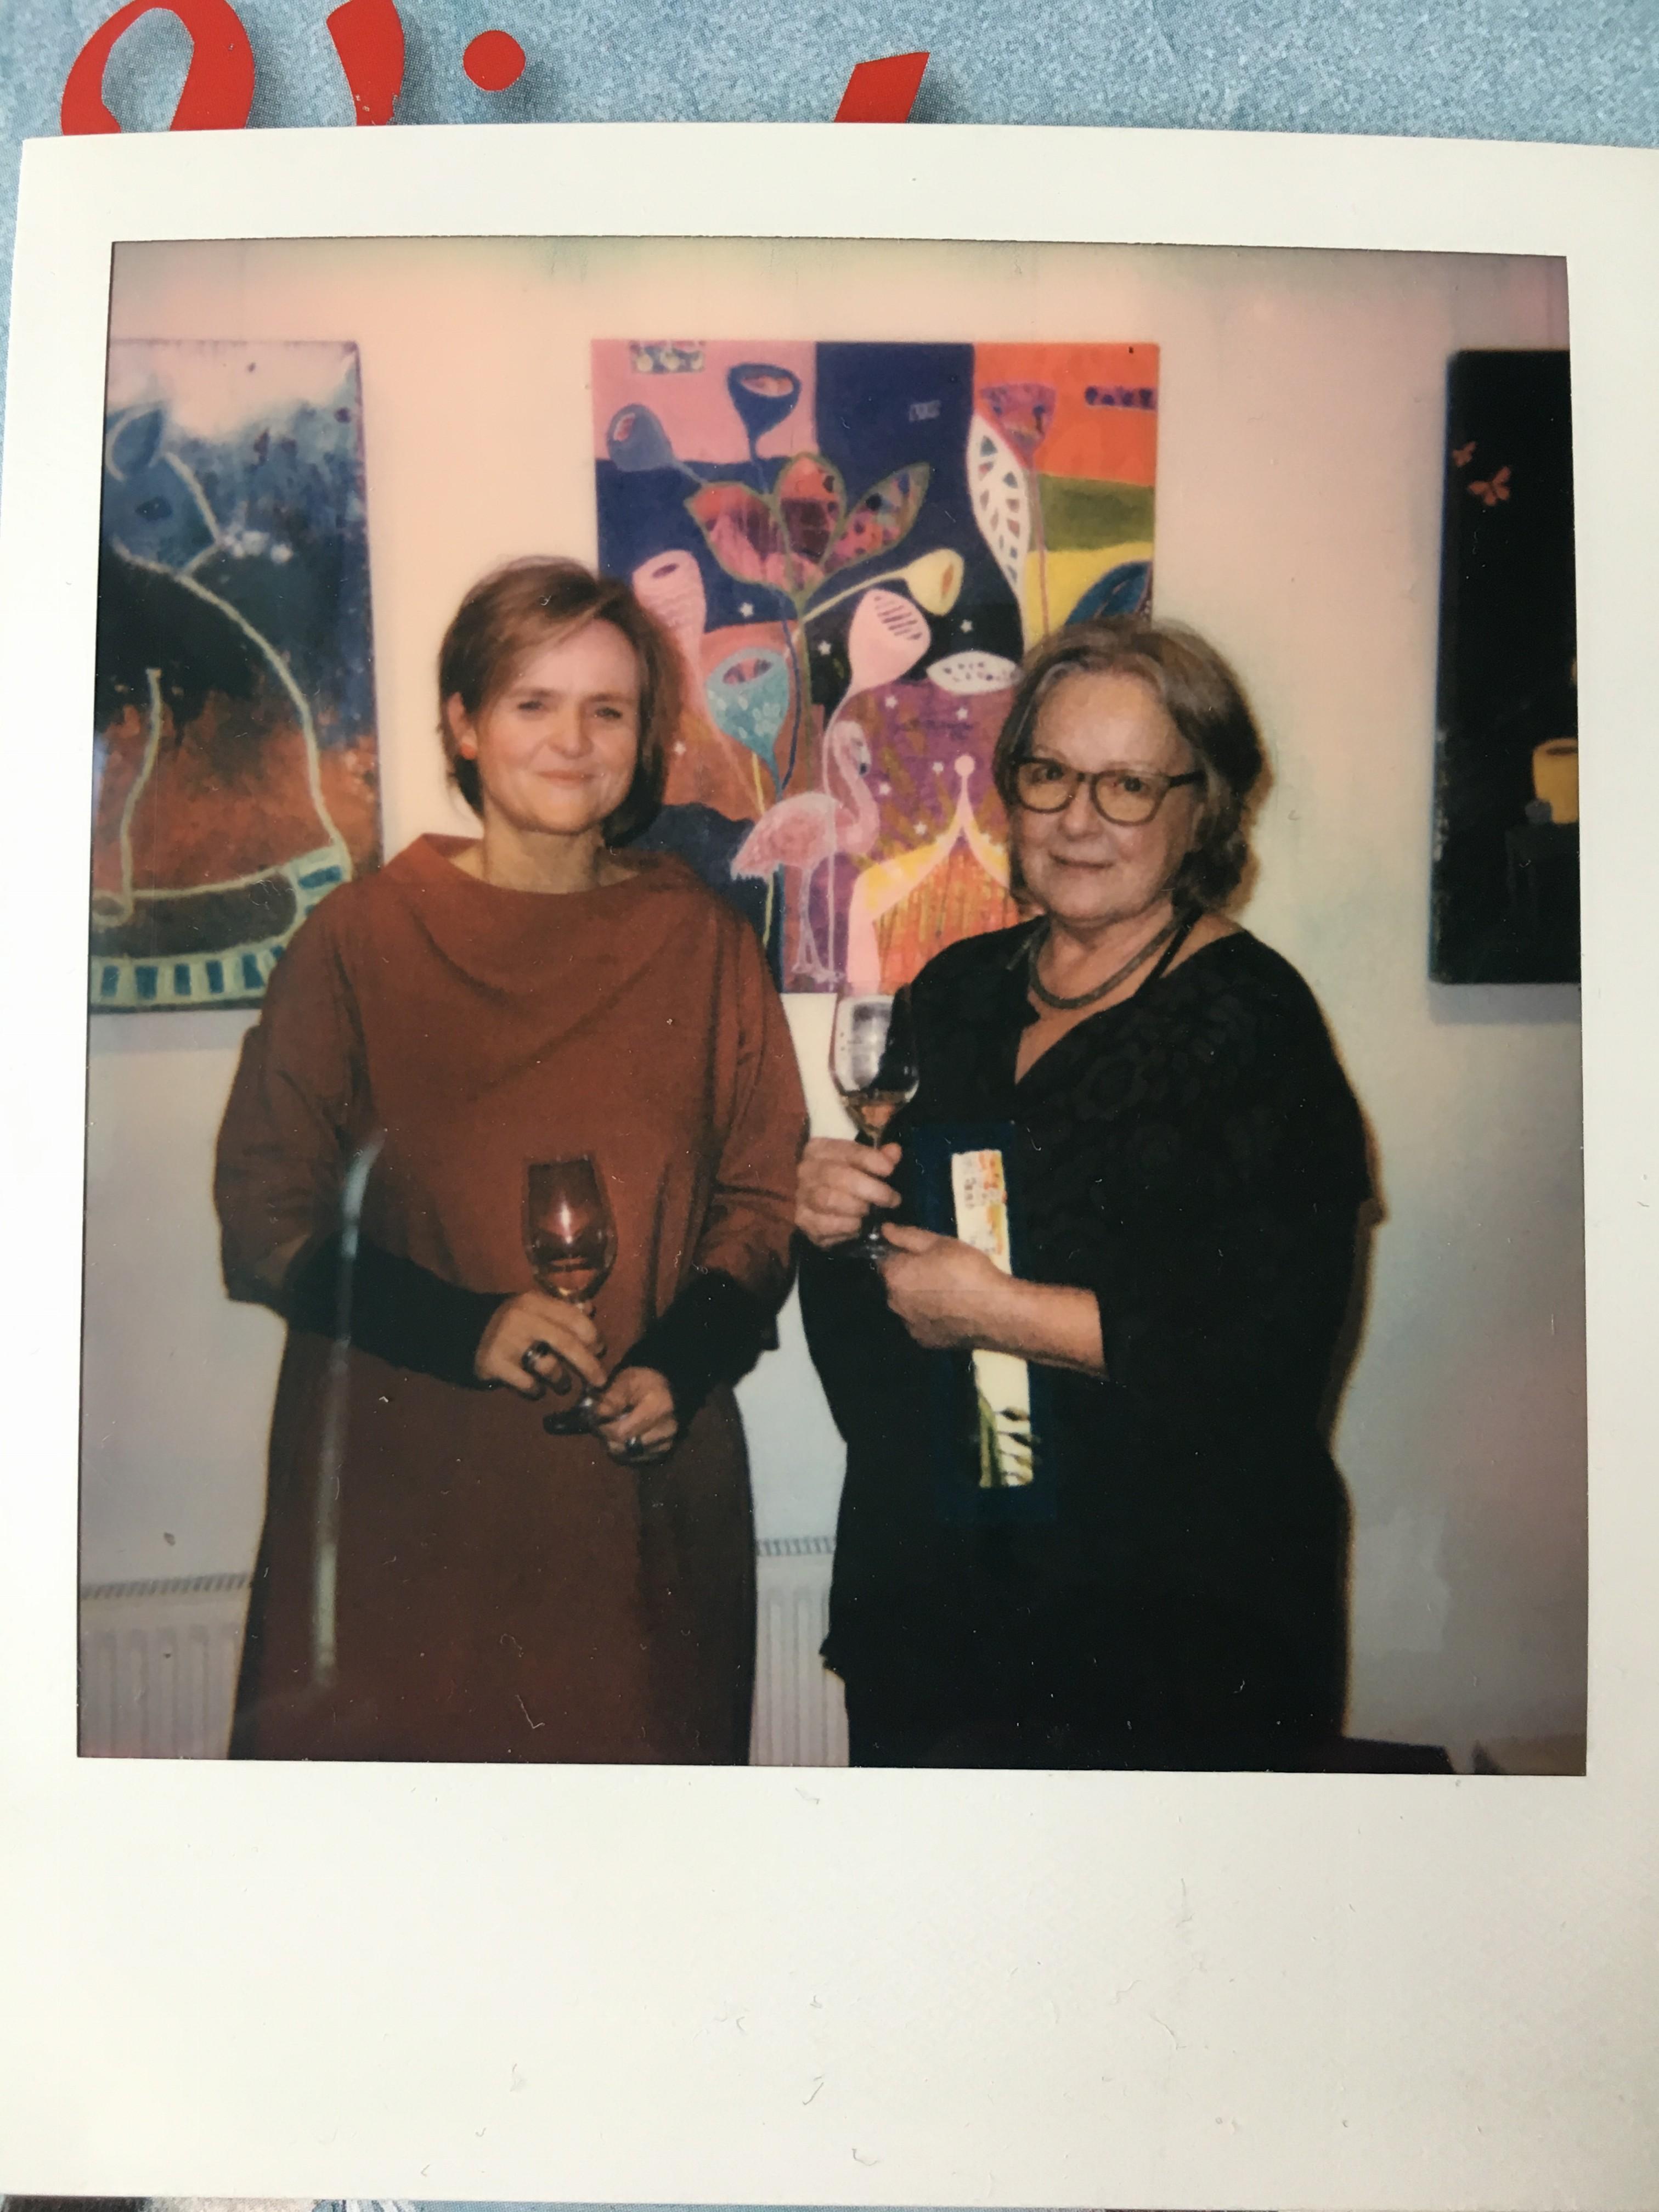 Andrea und Christine - here we are